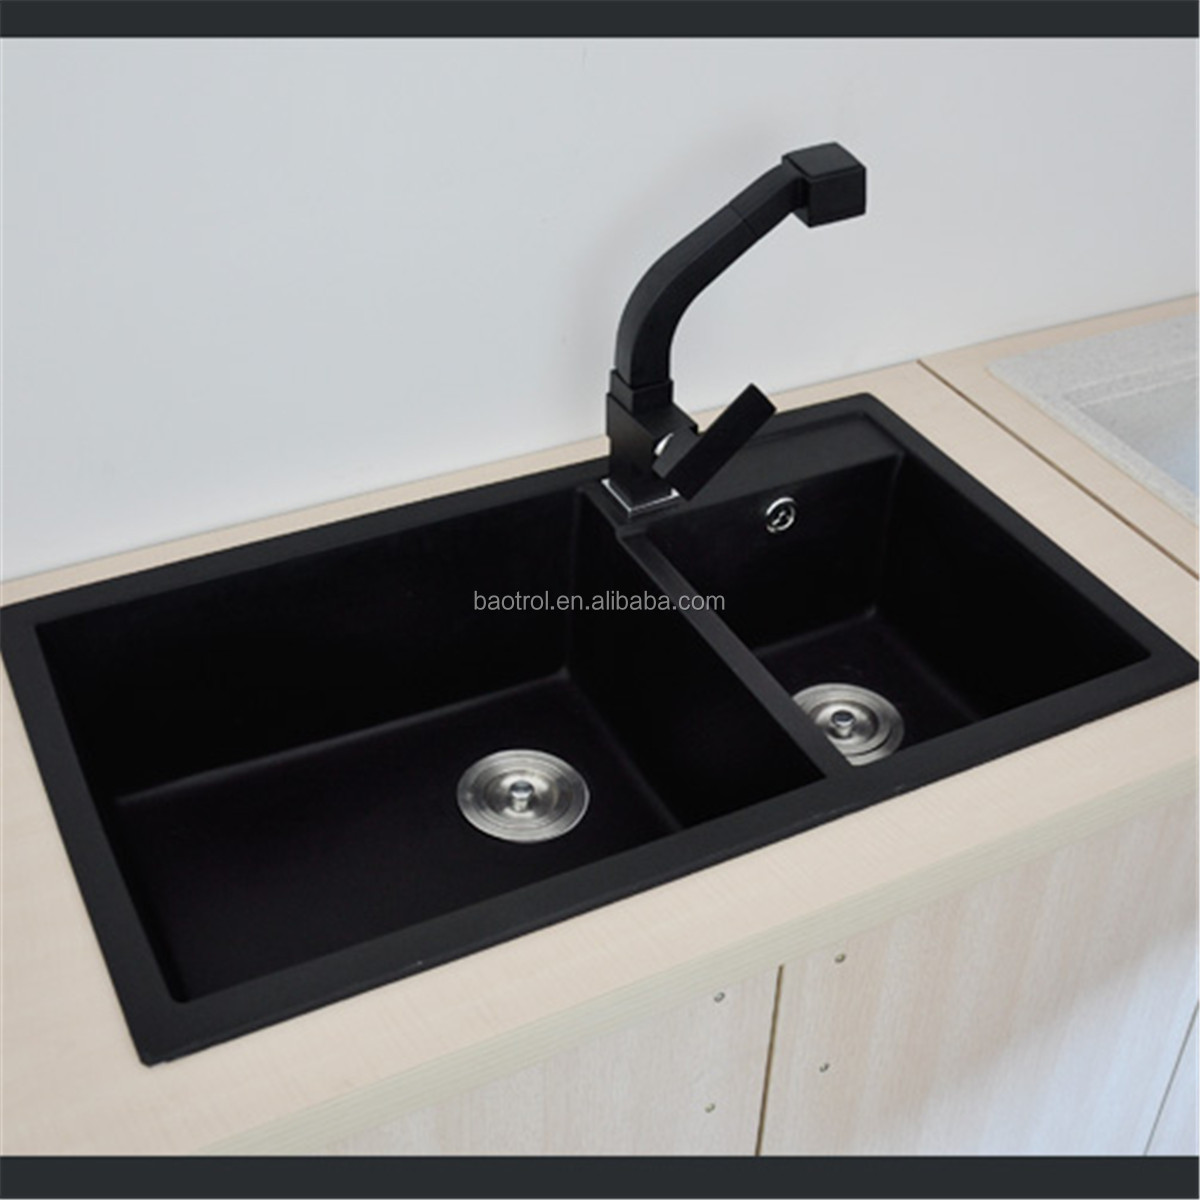 Small And Big Bowl Artificial Quartz Kitchen Sinkquartz